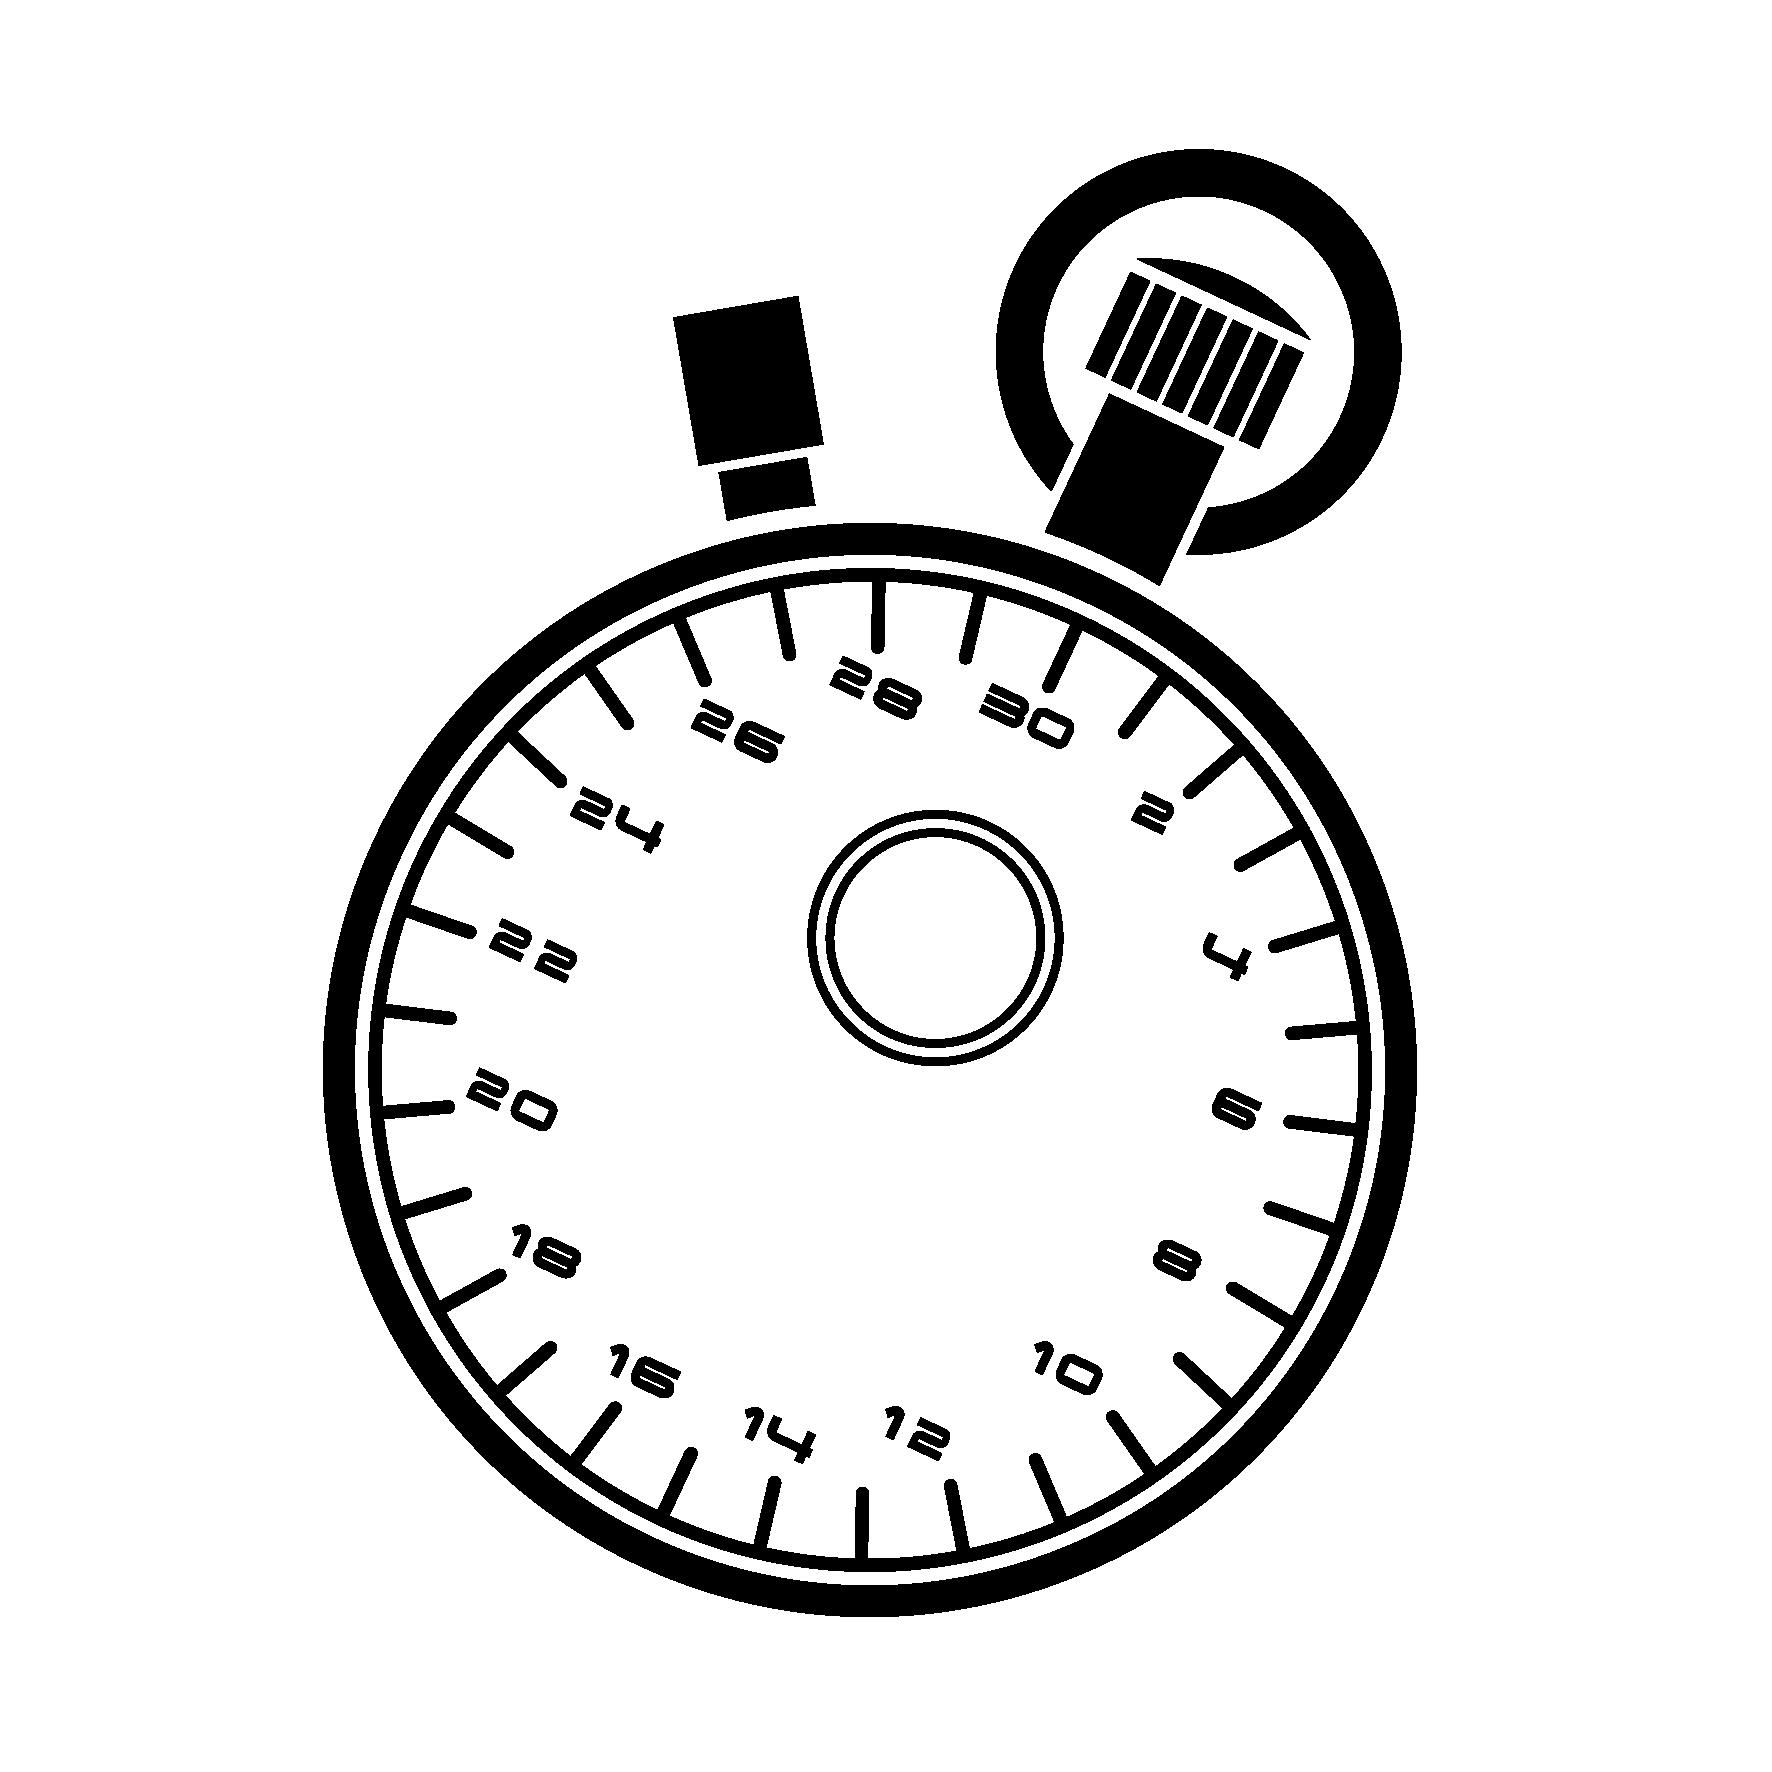 Uhr_schwarz-03